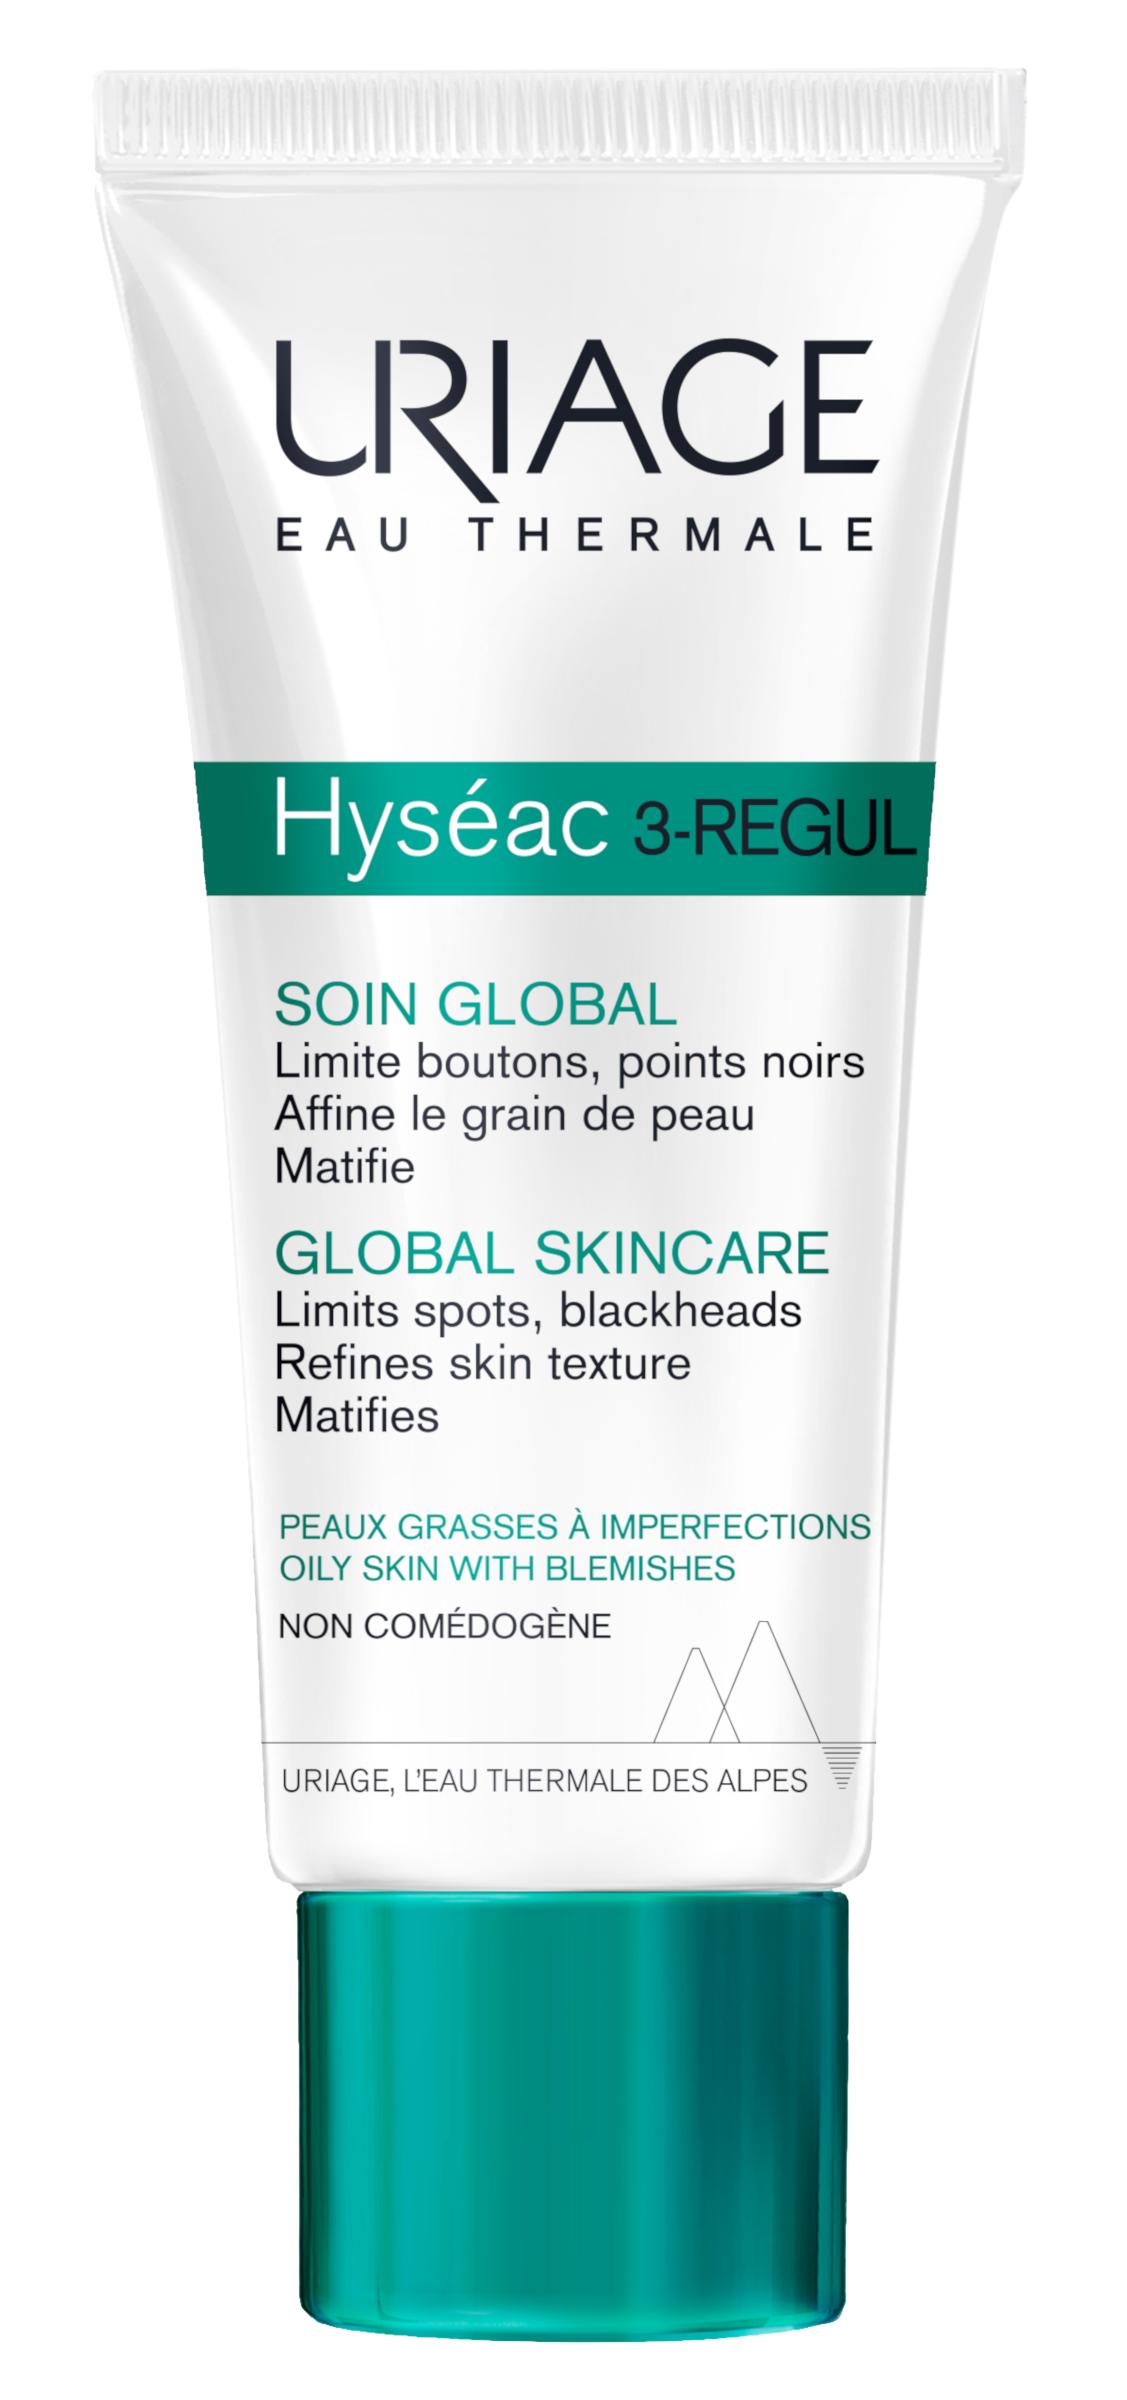 Uriage Hyséac 3-Regul krém akne+mitesszerek 40ml